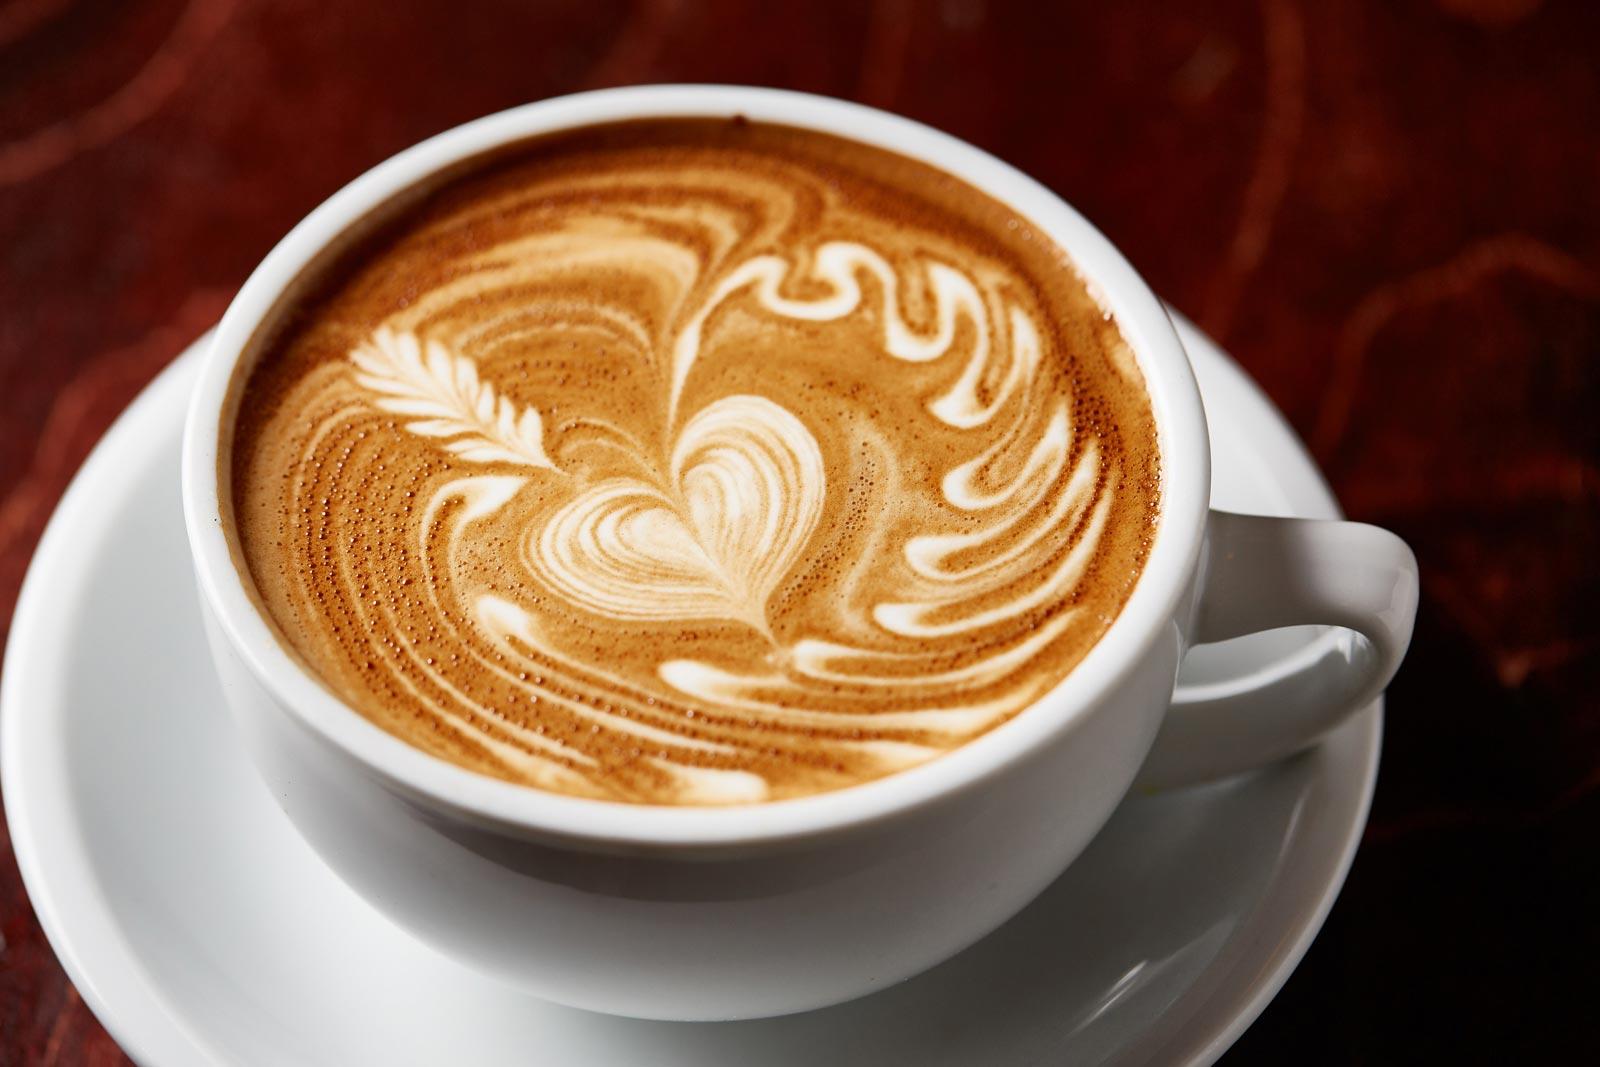 Профессиональные кофемашины и другое оборудование для баров, кафе и ресторанов